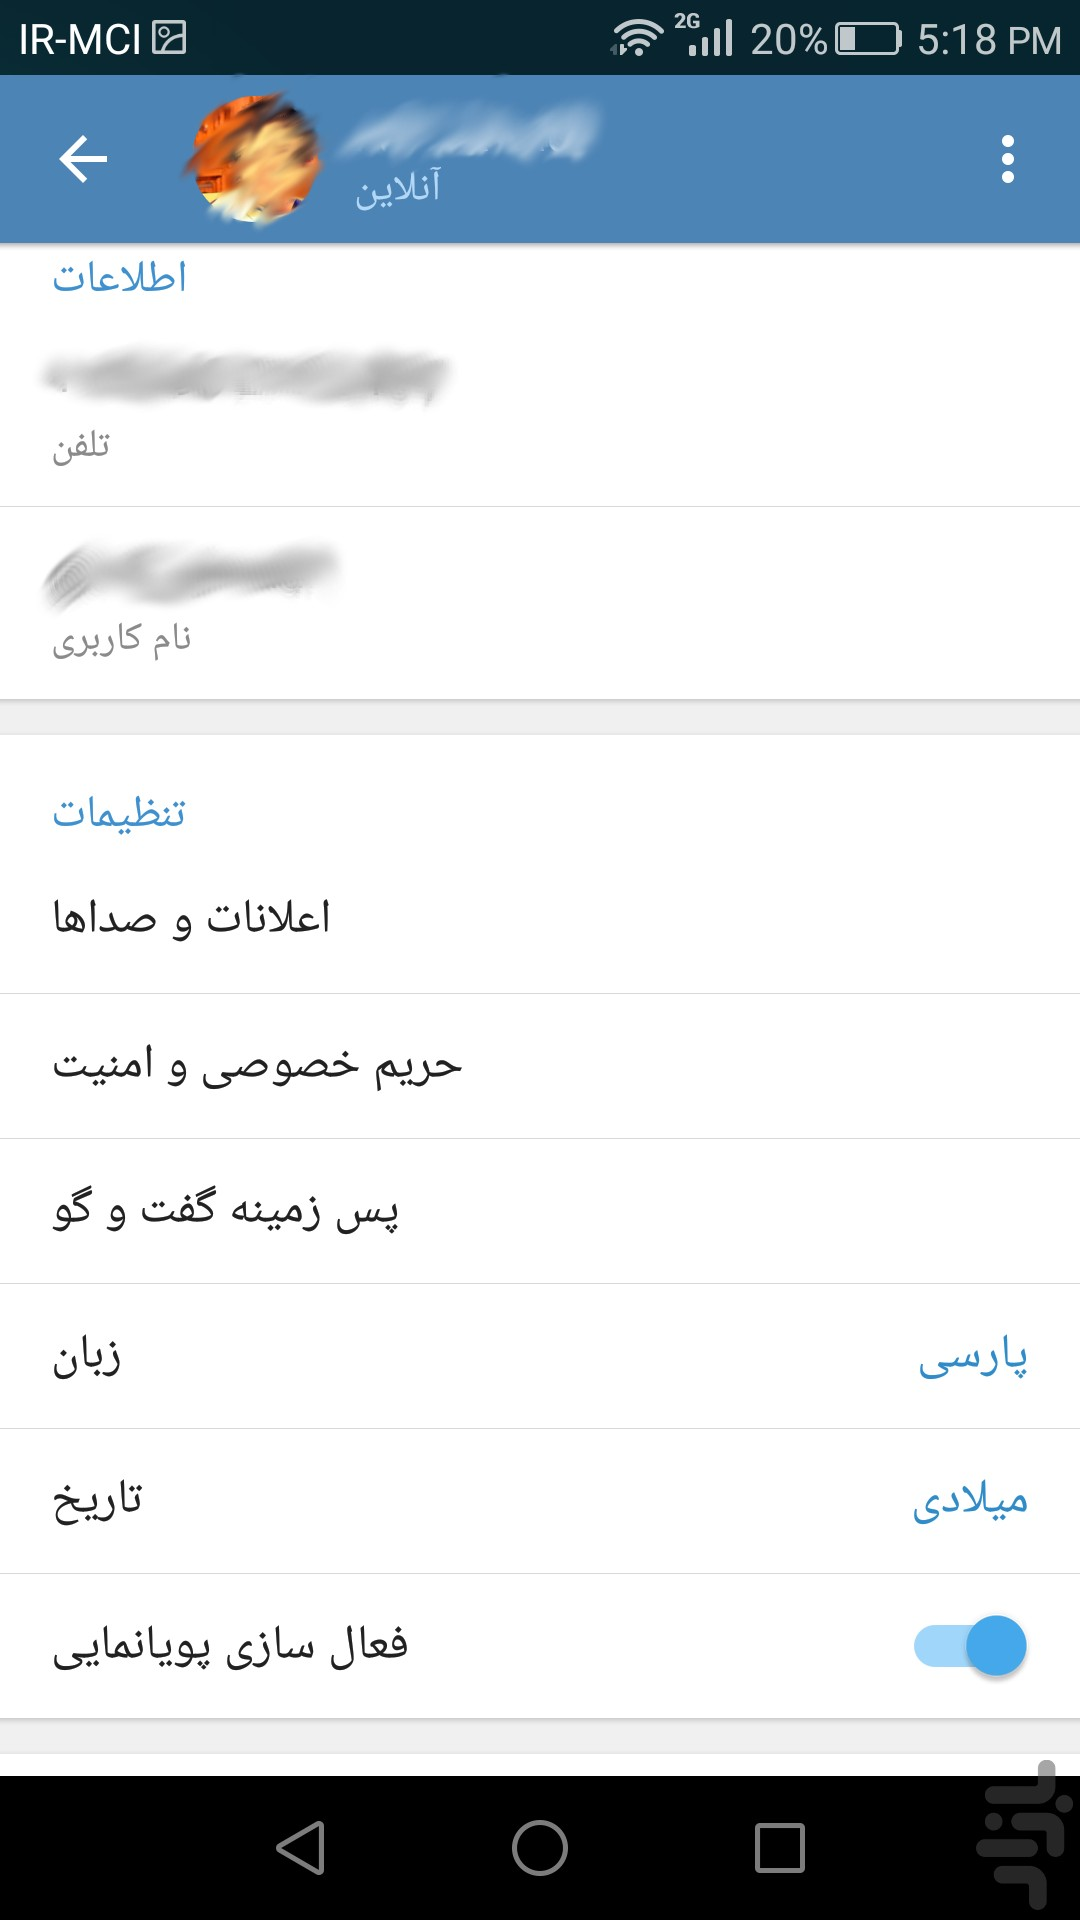 نرم+افزار+تلگرام+فارسی+برای+اندروید